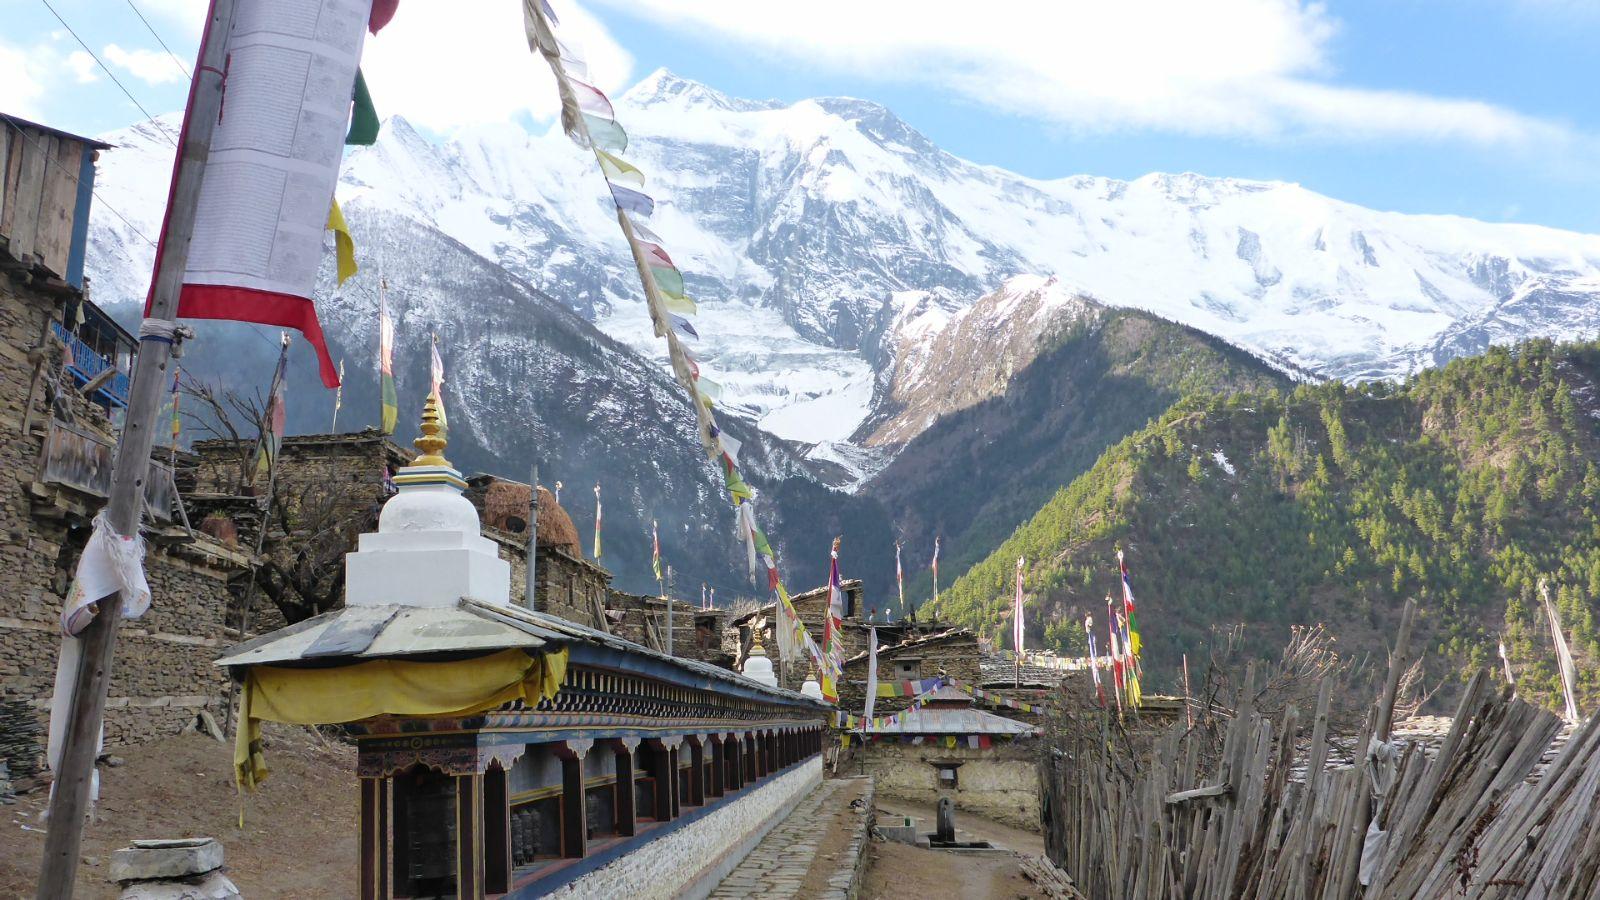 Blick zum über 8000 Meter hohen Annapurna II